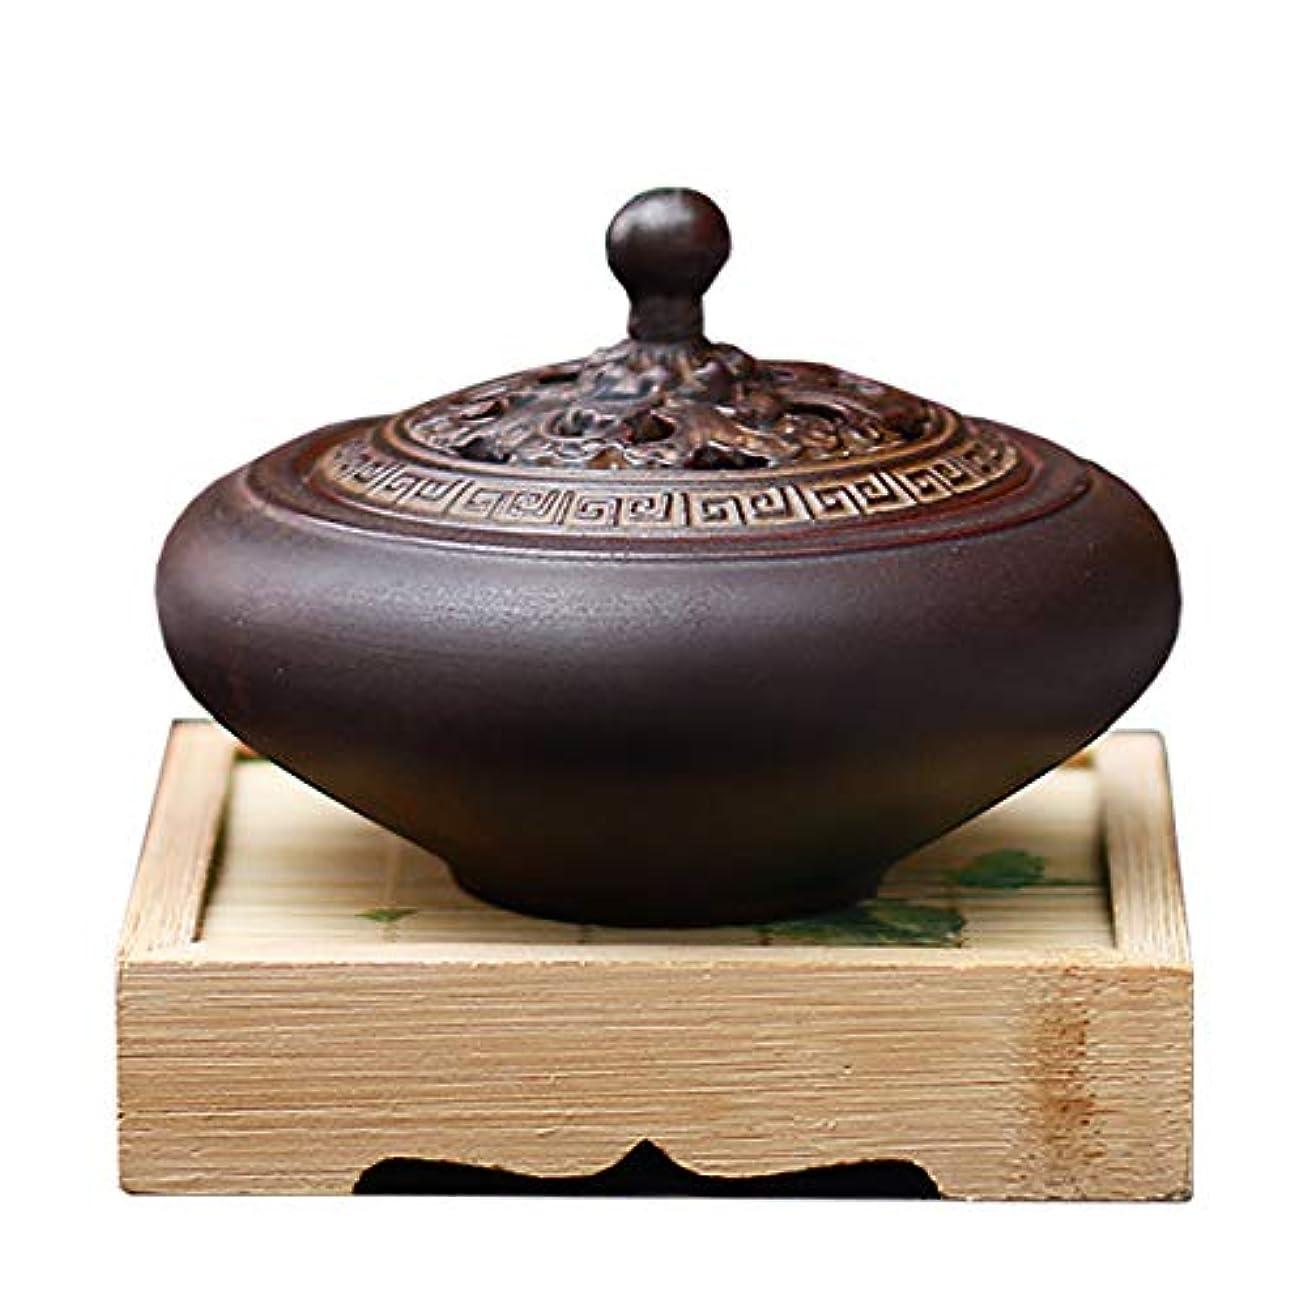 ぐったりカレンダー忌まわしいHAMILO 蓋付香炉 陶器 中国風 古典 アロマ 癒し 香道 お香 コーン 抹香 手作り 木製台付 (ブラウン)